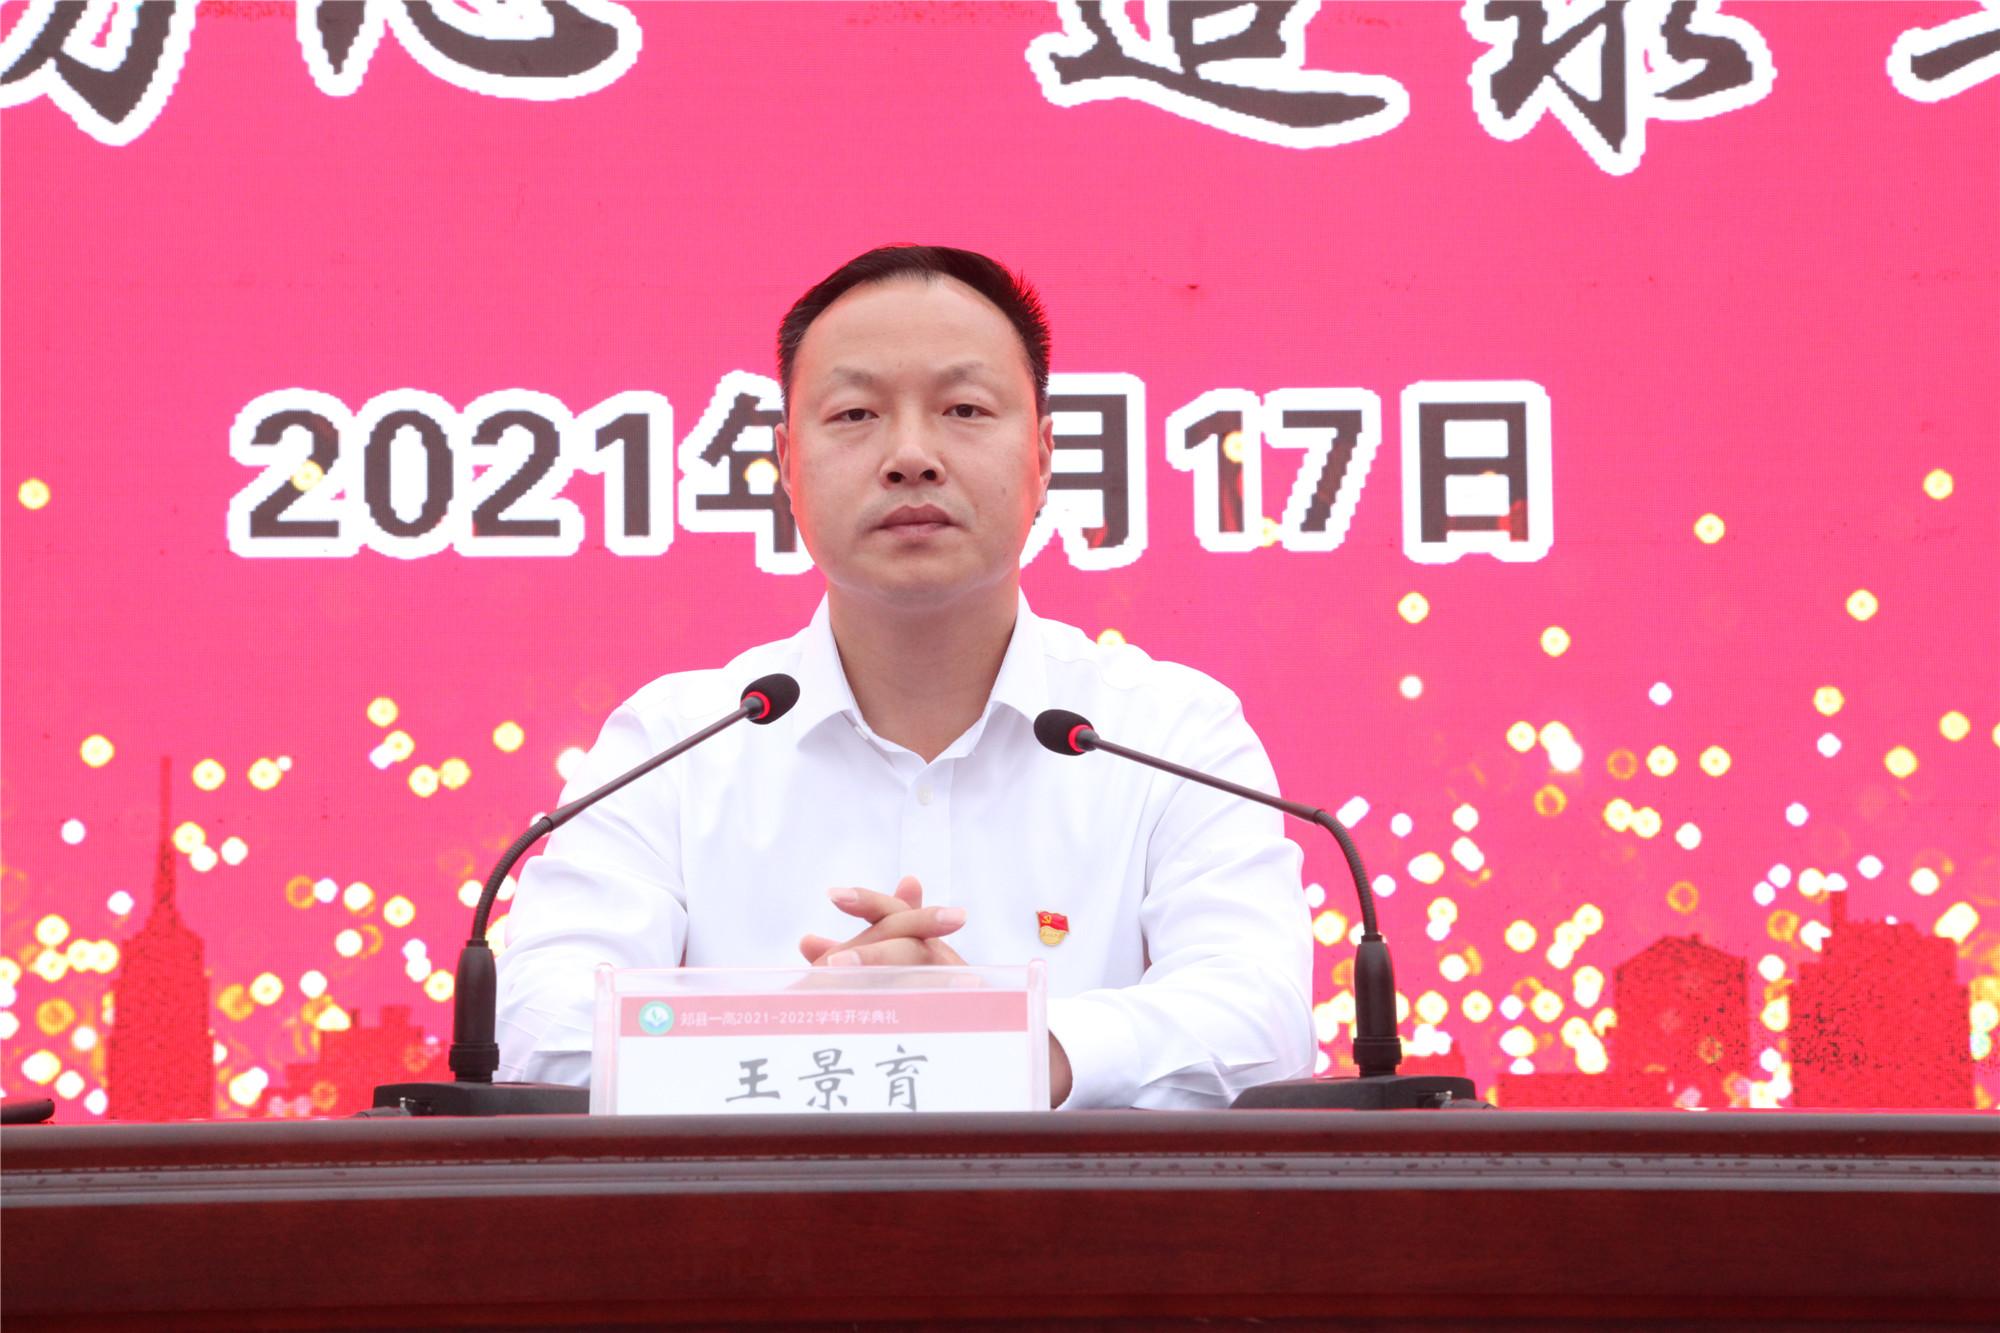 9月18日郏县一高2021-2022学年开学典礼举行.2_副本.jpg